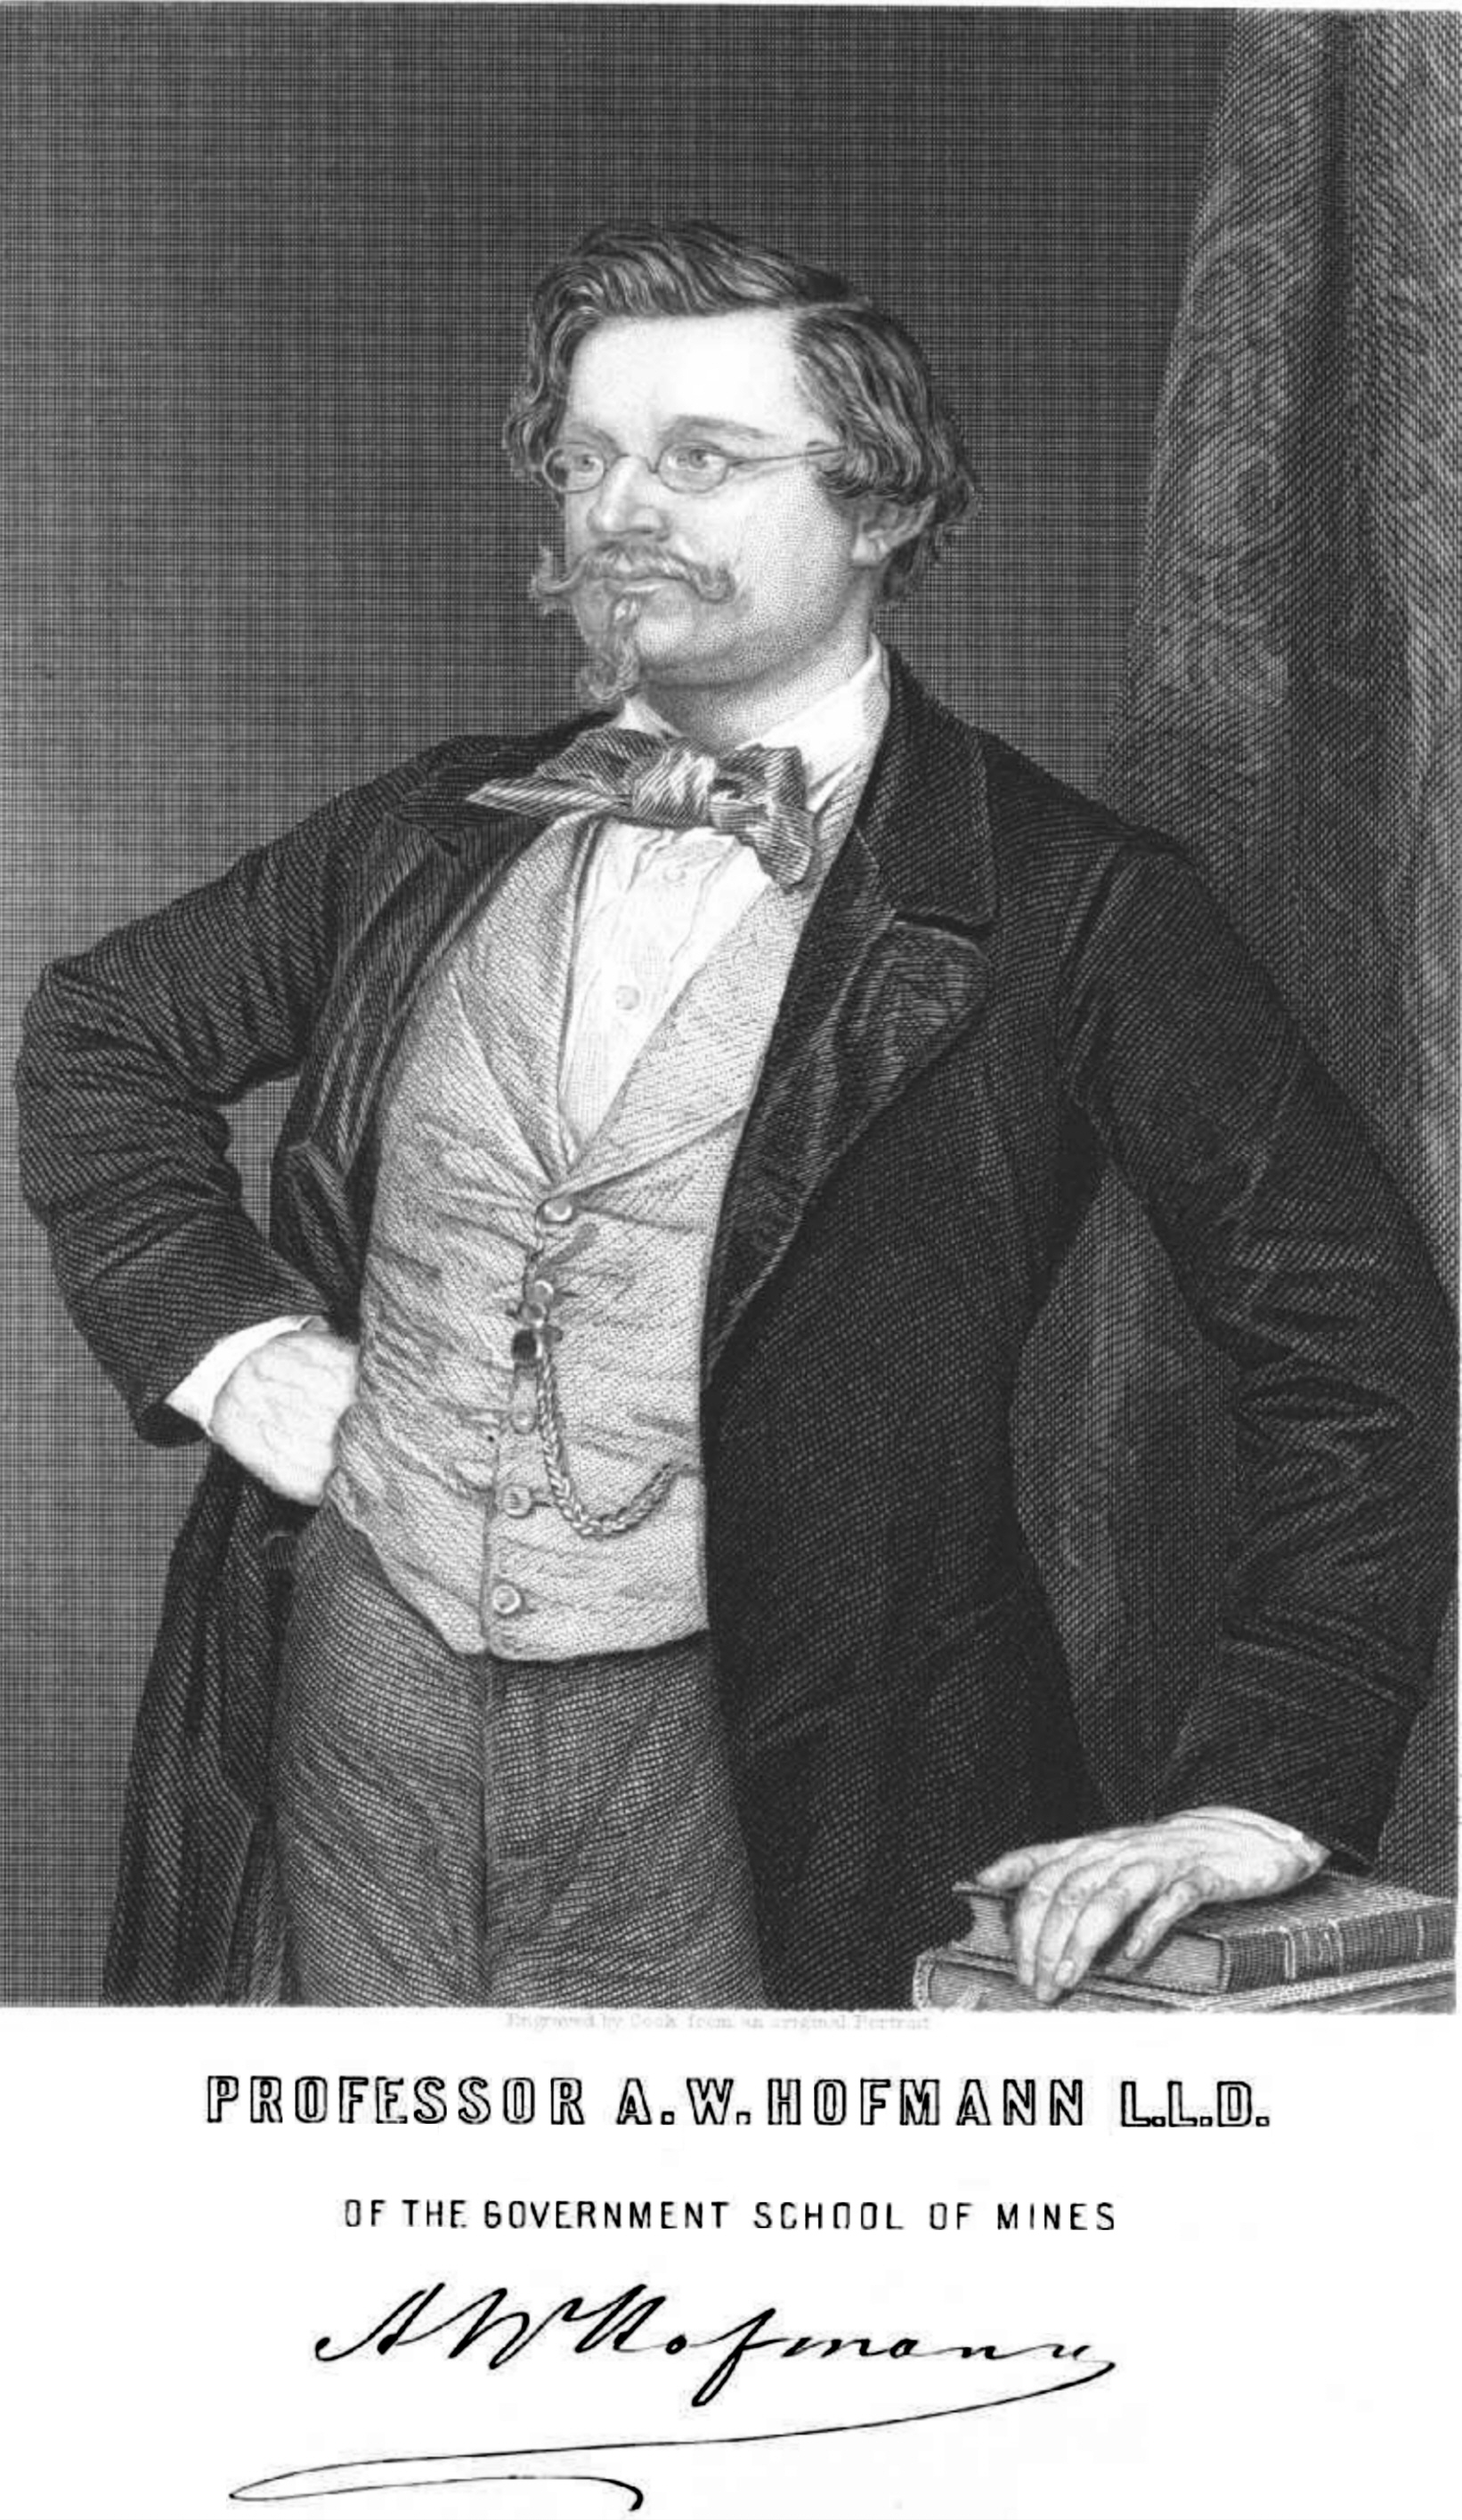 August Wilhelm von Hofmann01.jpg